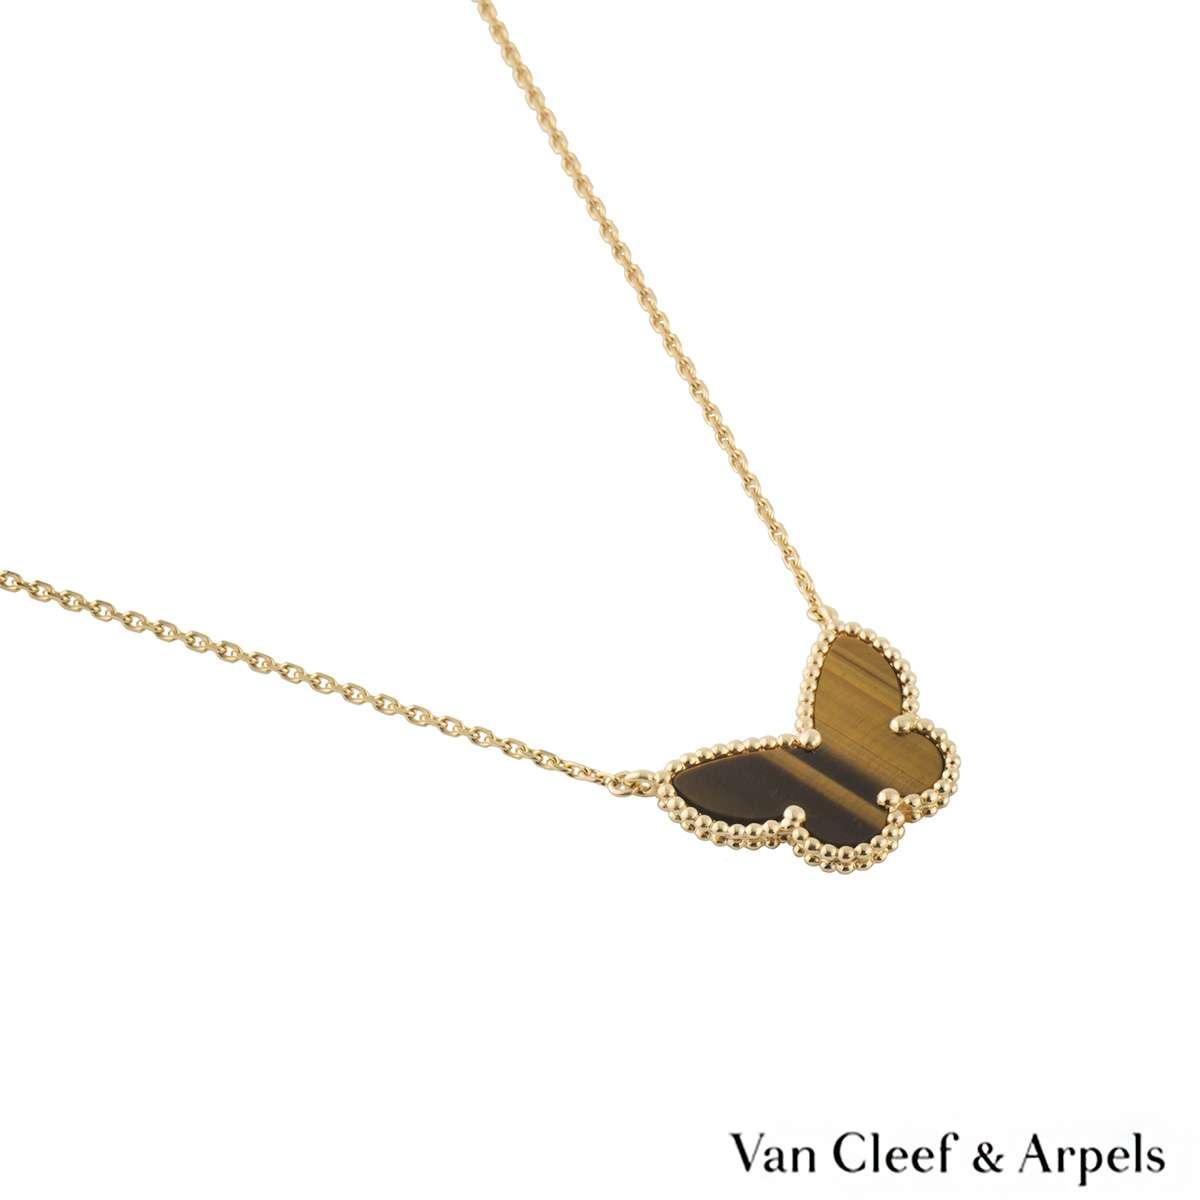 Van Cleef & Arpels Lucky Alhambra Pendant